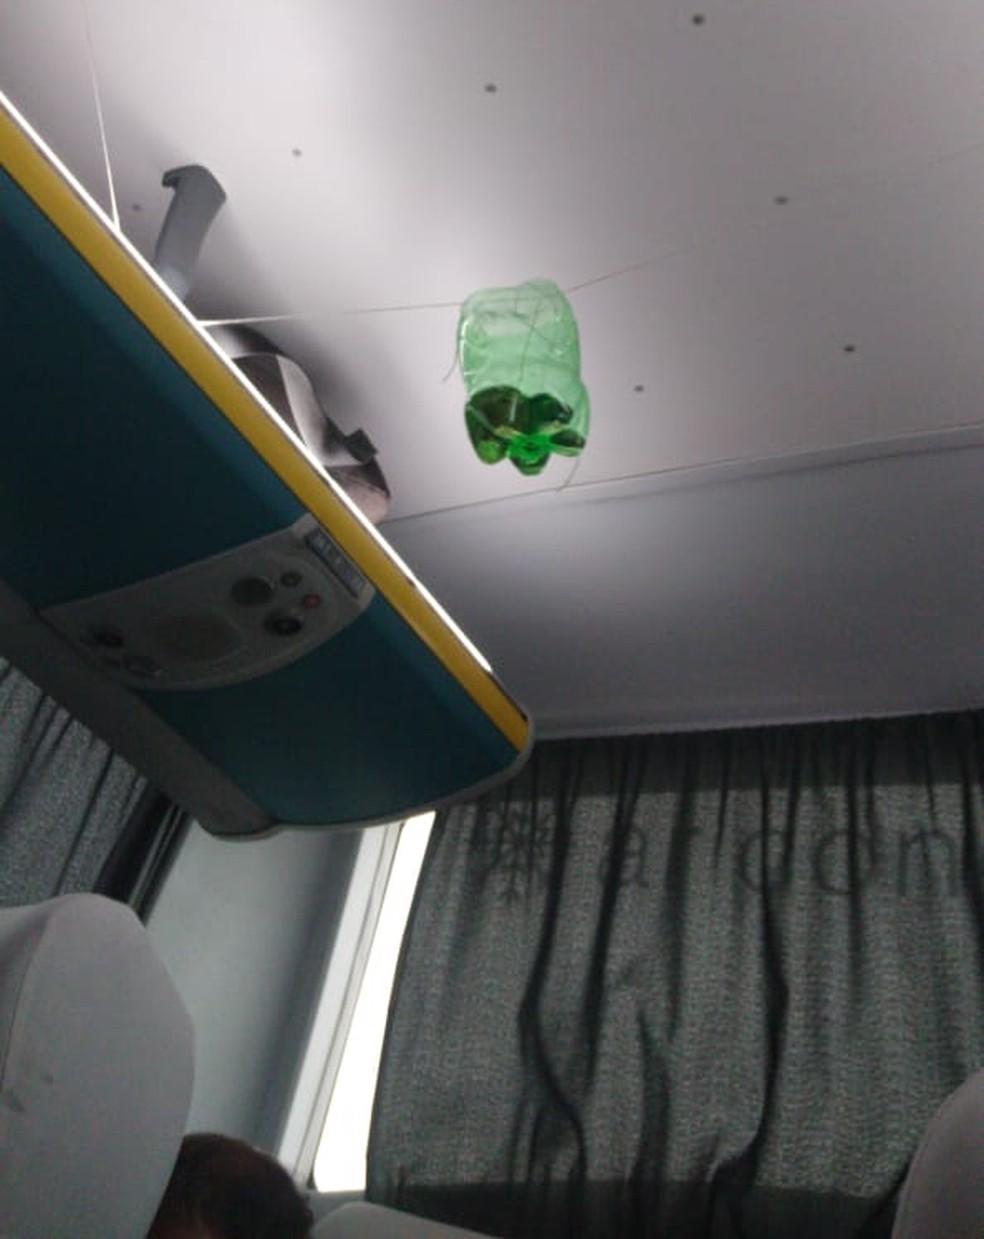 Gasolina dentro de ônibus sequestrado na Ponte Rio-Niterói — Foto: Arquivo pessoal